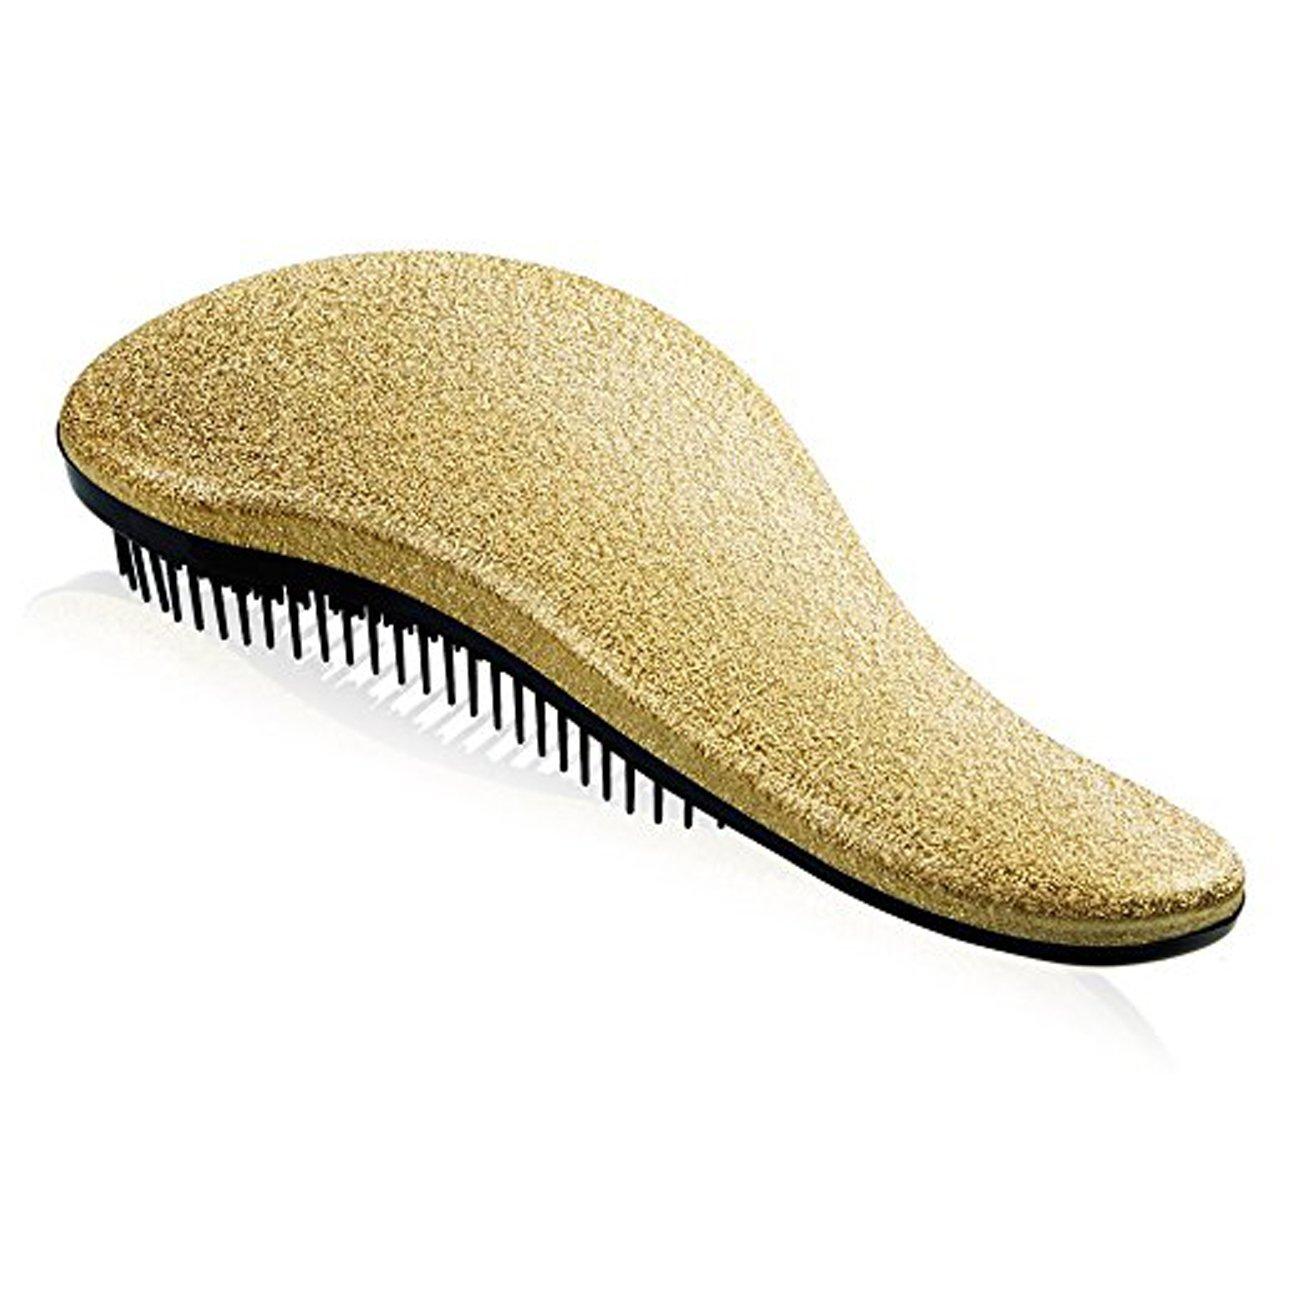 Detangling Hairbrush Comb- Glide Through All Types of Natural & Tangled Hair - Dry & Wet Hair Brush- Gold Sparkle Hair Detangler Brush - For Kids, Women, Men (Gold) by Outopest (Image #3)